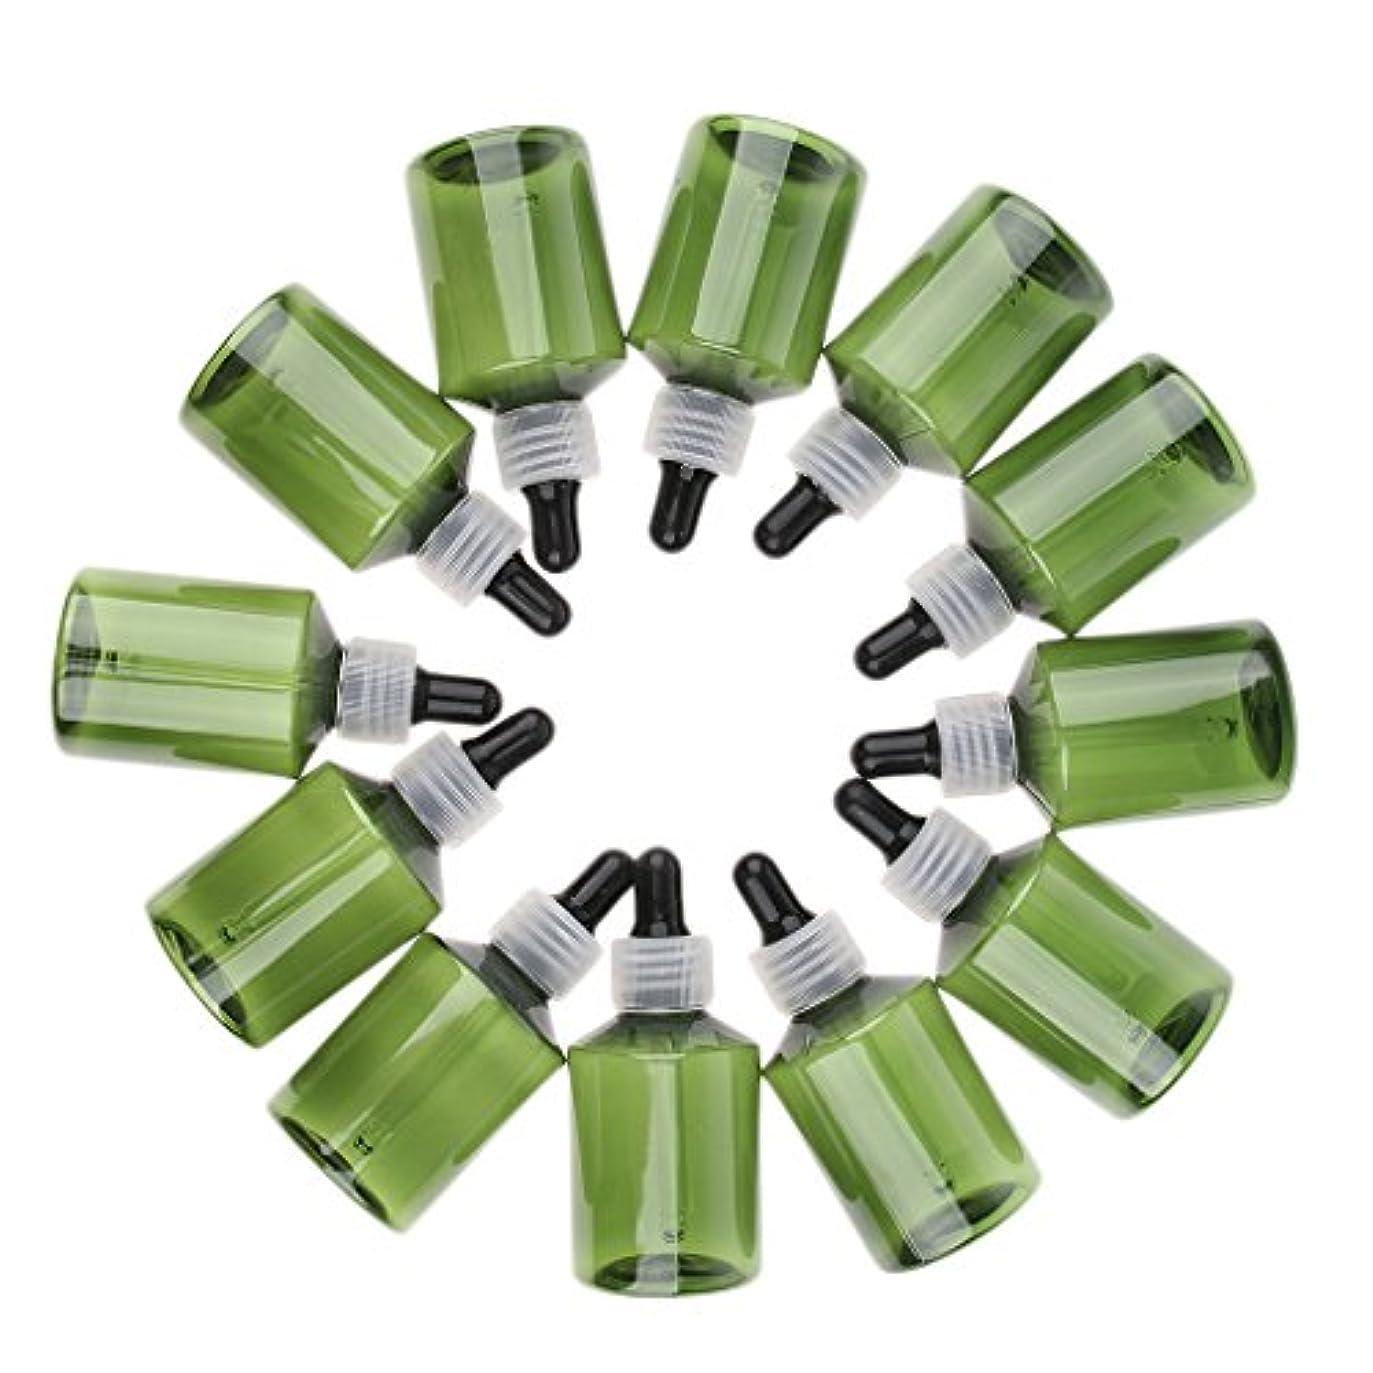 ポータル劇的難民ドロッパーボトル エッセンシャルオイル 精油ボトル 小分け容器 詰め替え 50ml 6仕様選べ - クリアキャップブラックドロッパー